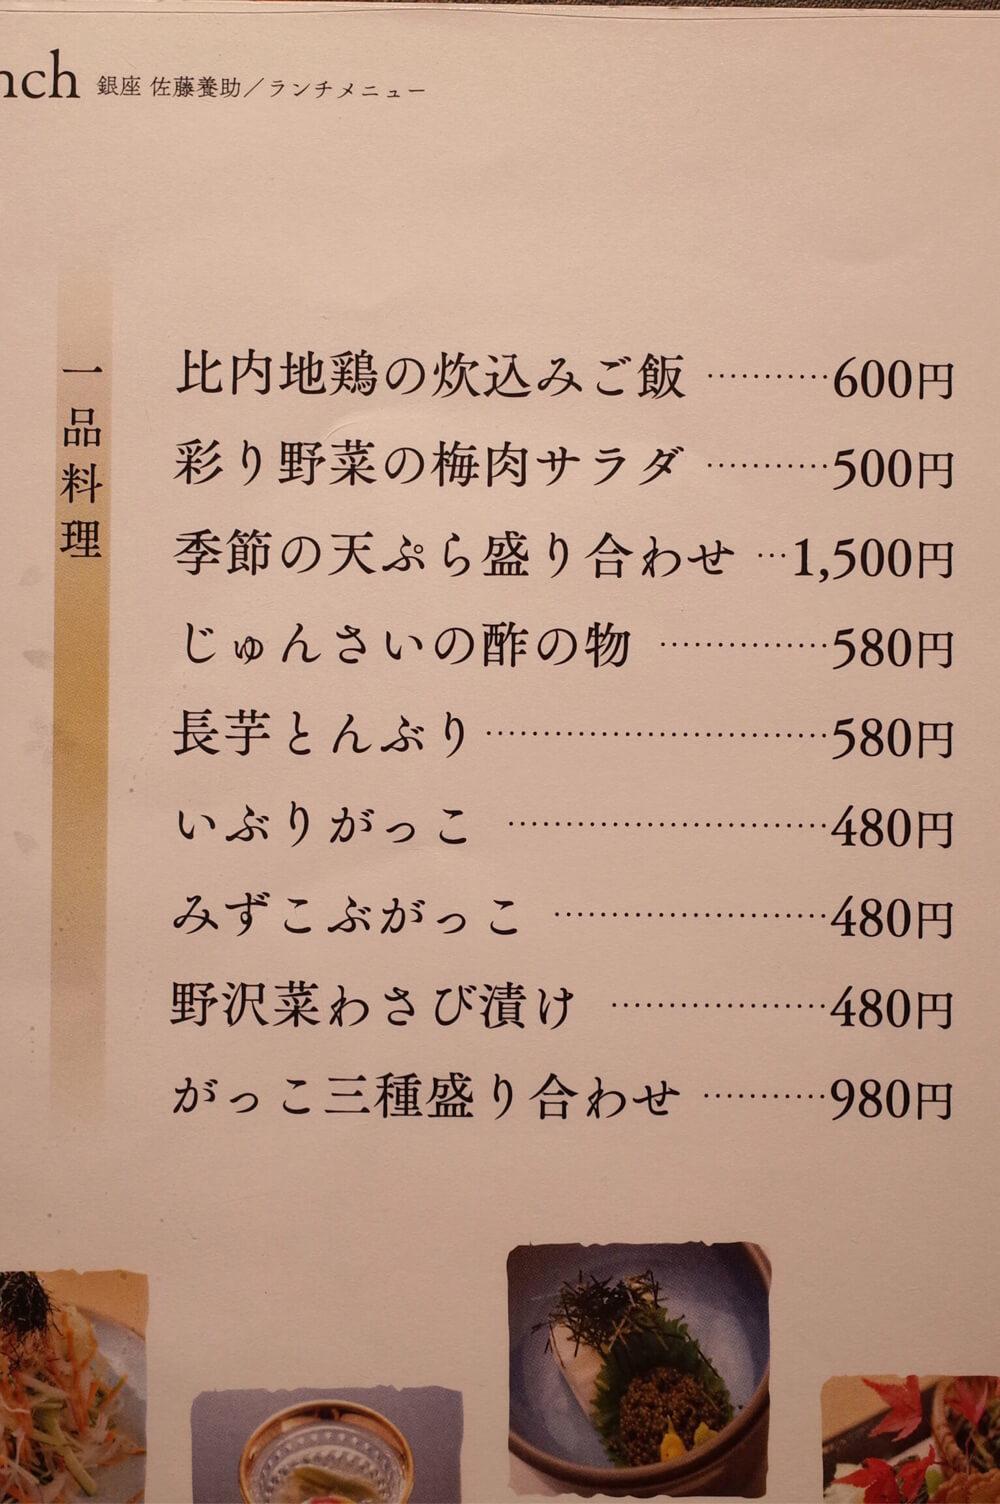 銀座 ランチ 佐藤養助